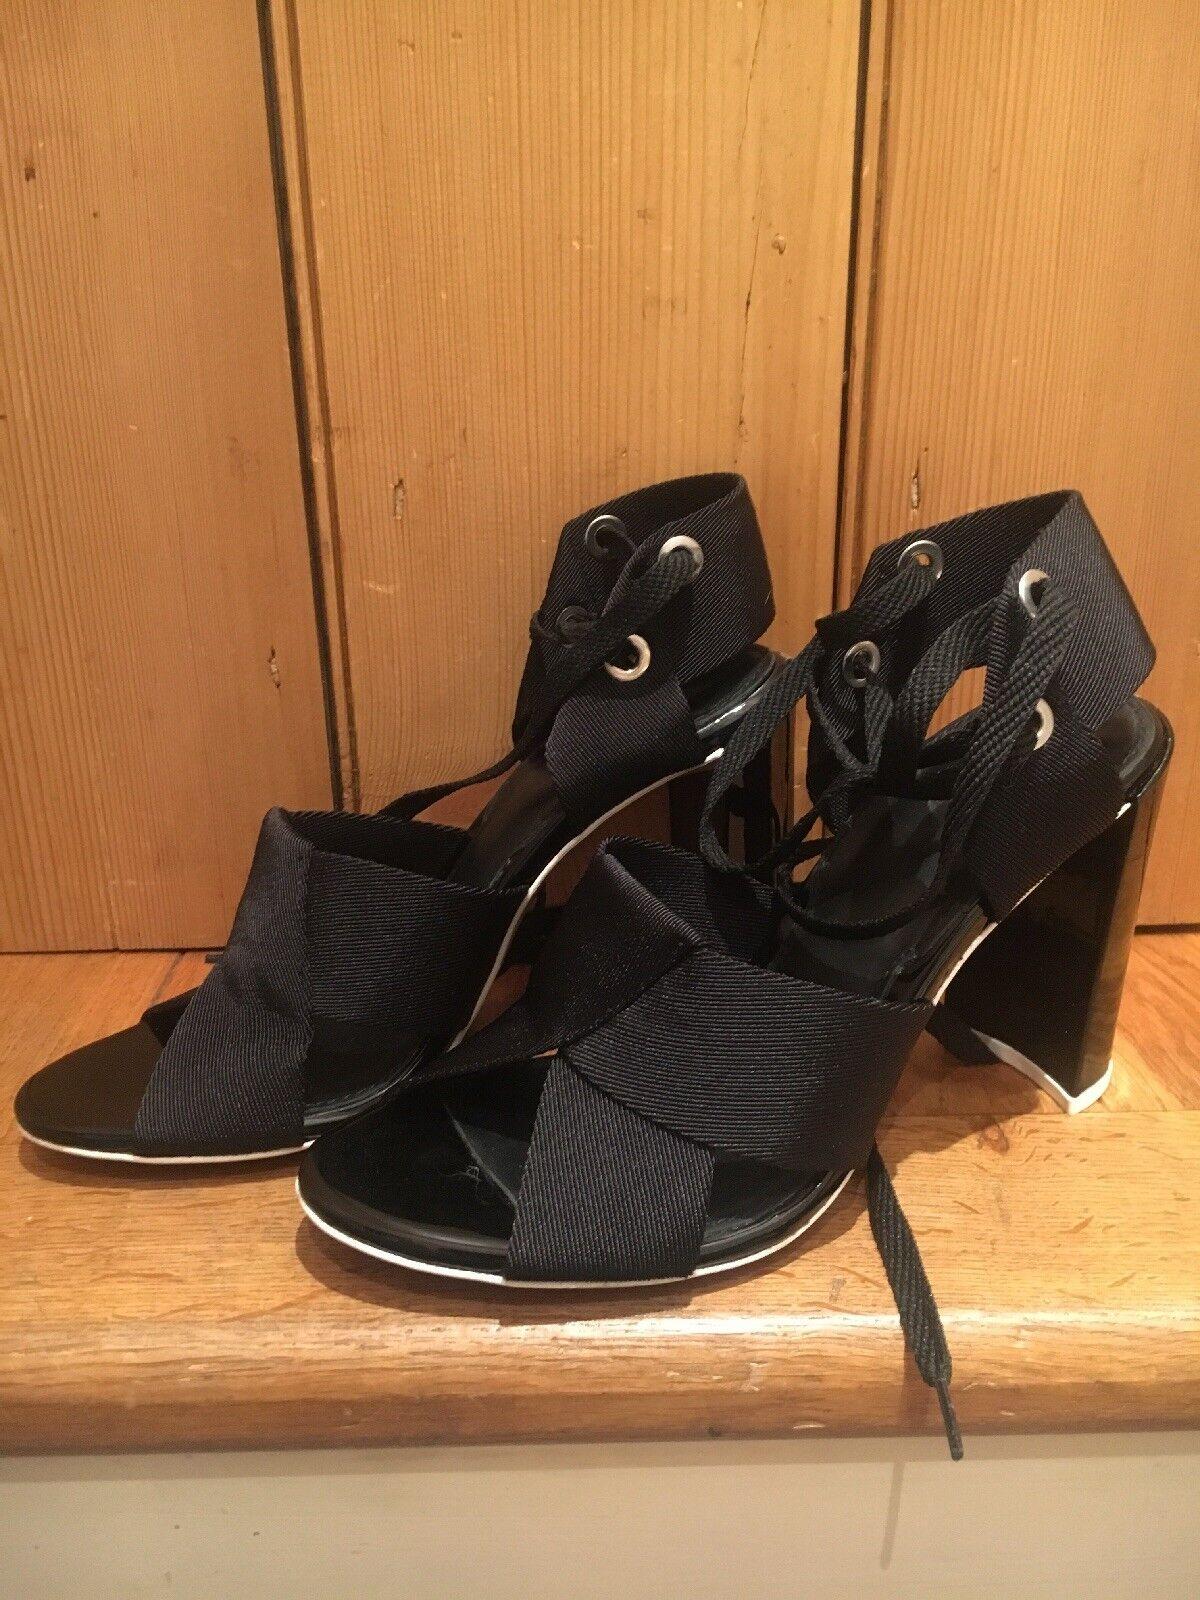 Topshop Unique Unique Unique Sandalias De Mujer Con Cordones Correa Negra Rara UK6   Nuevo Y En Caja  mejor reputación